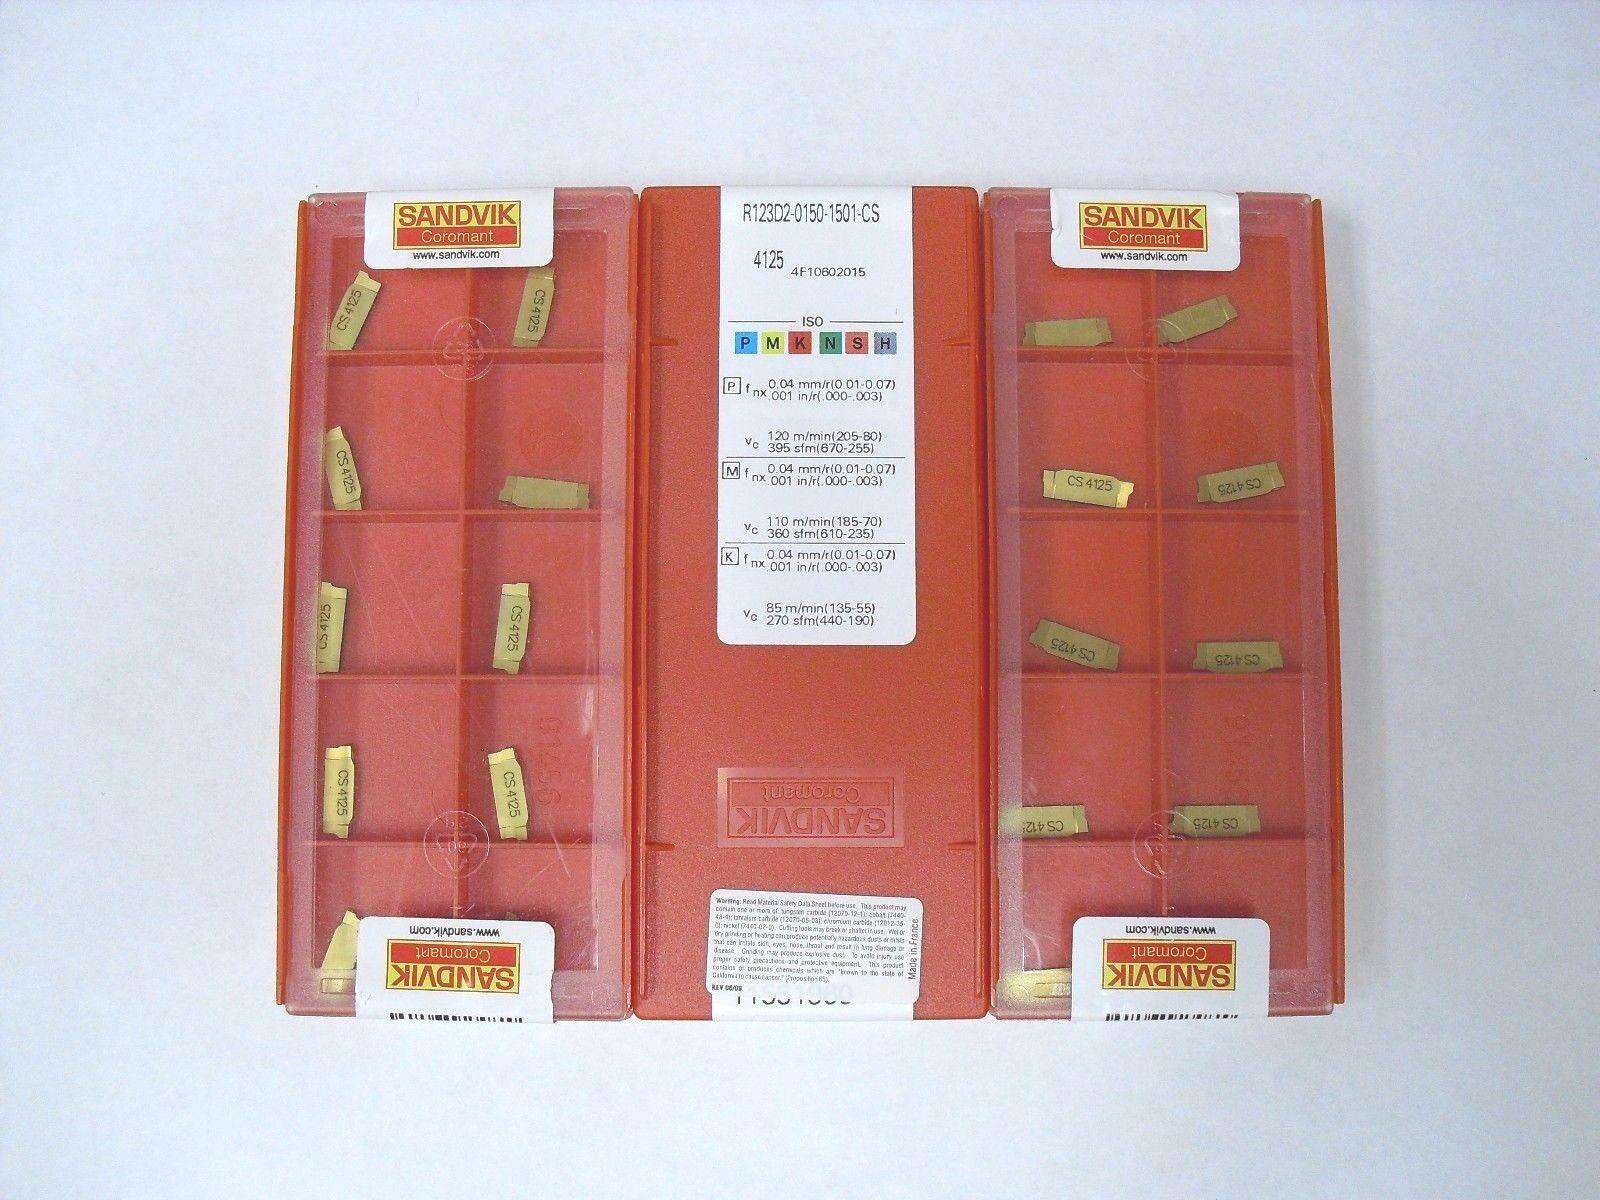 Sandvik Coromant R123H1-0150-RO 1125 PVD TiAlN CoroCut 1-2 Insert for profiling 1125 Grade Right Hand Carbide